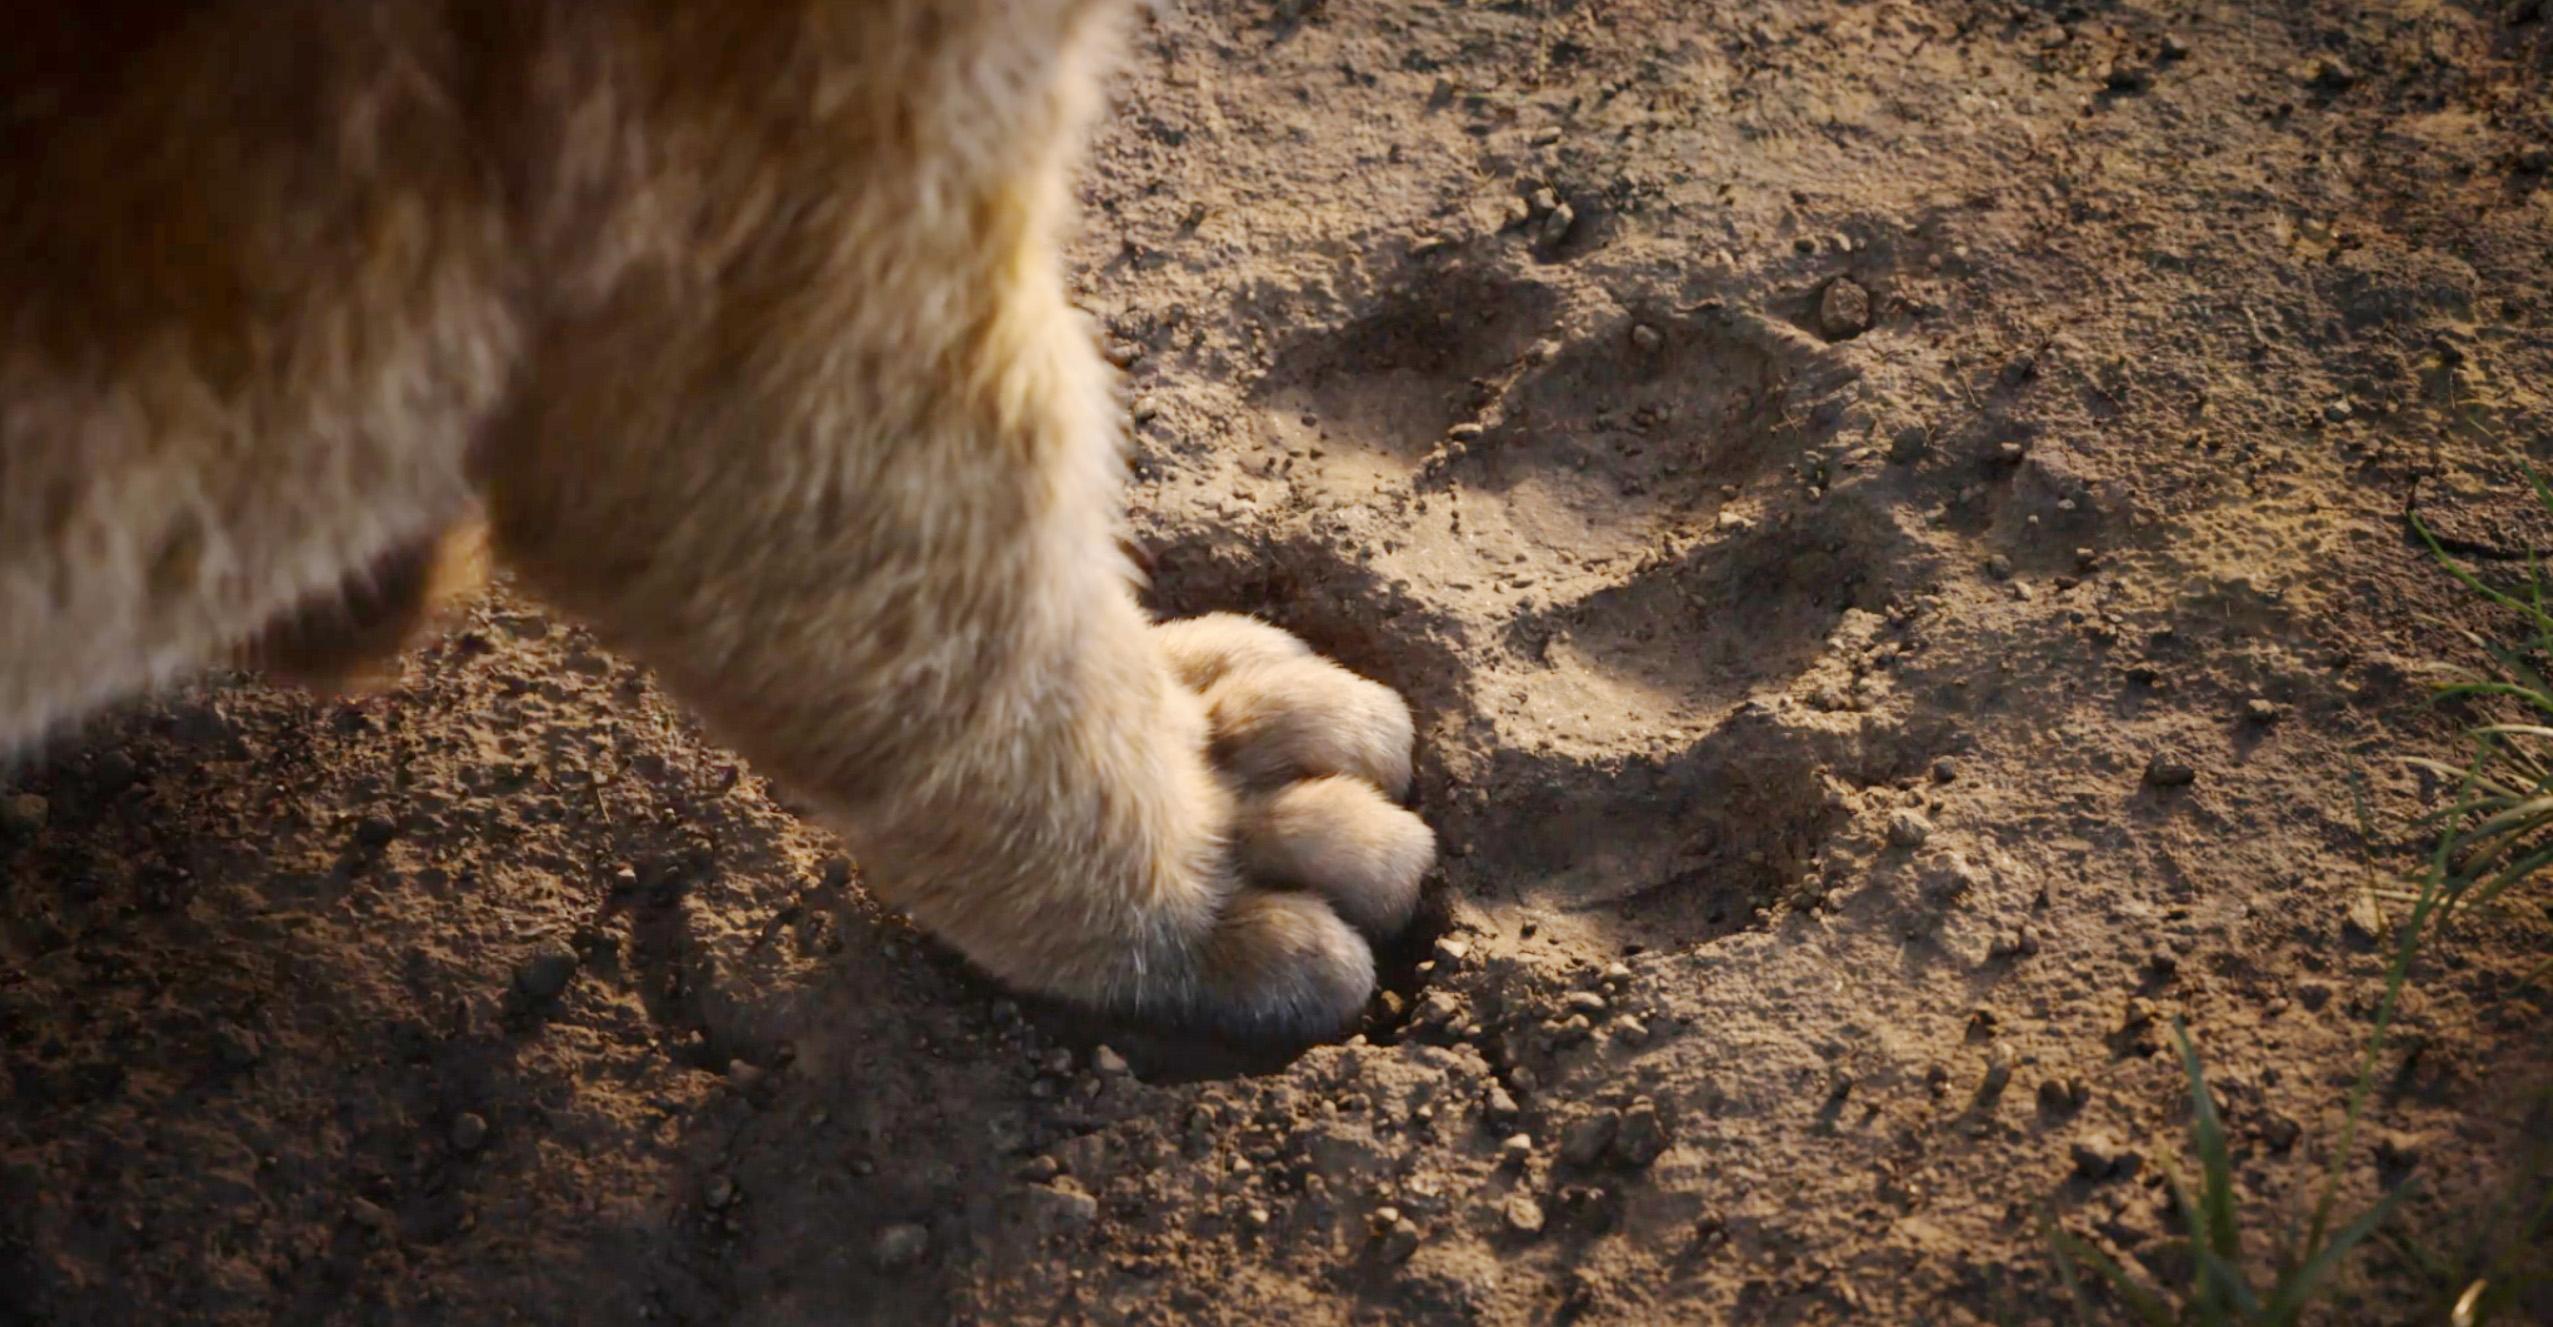 传奇音乐人埃尔顿·约翰:《新狮子王》令我非常失望